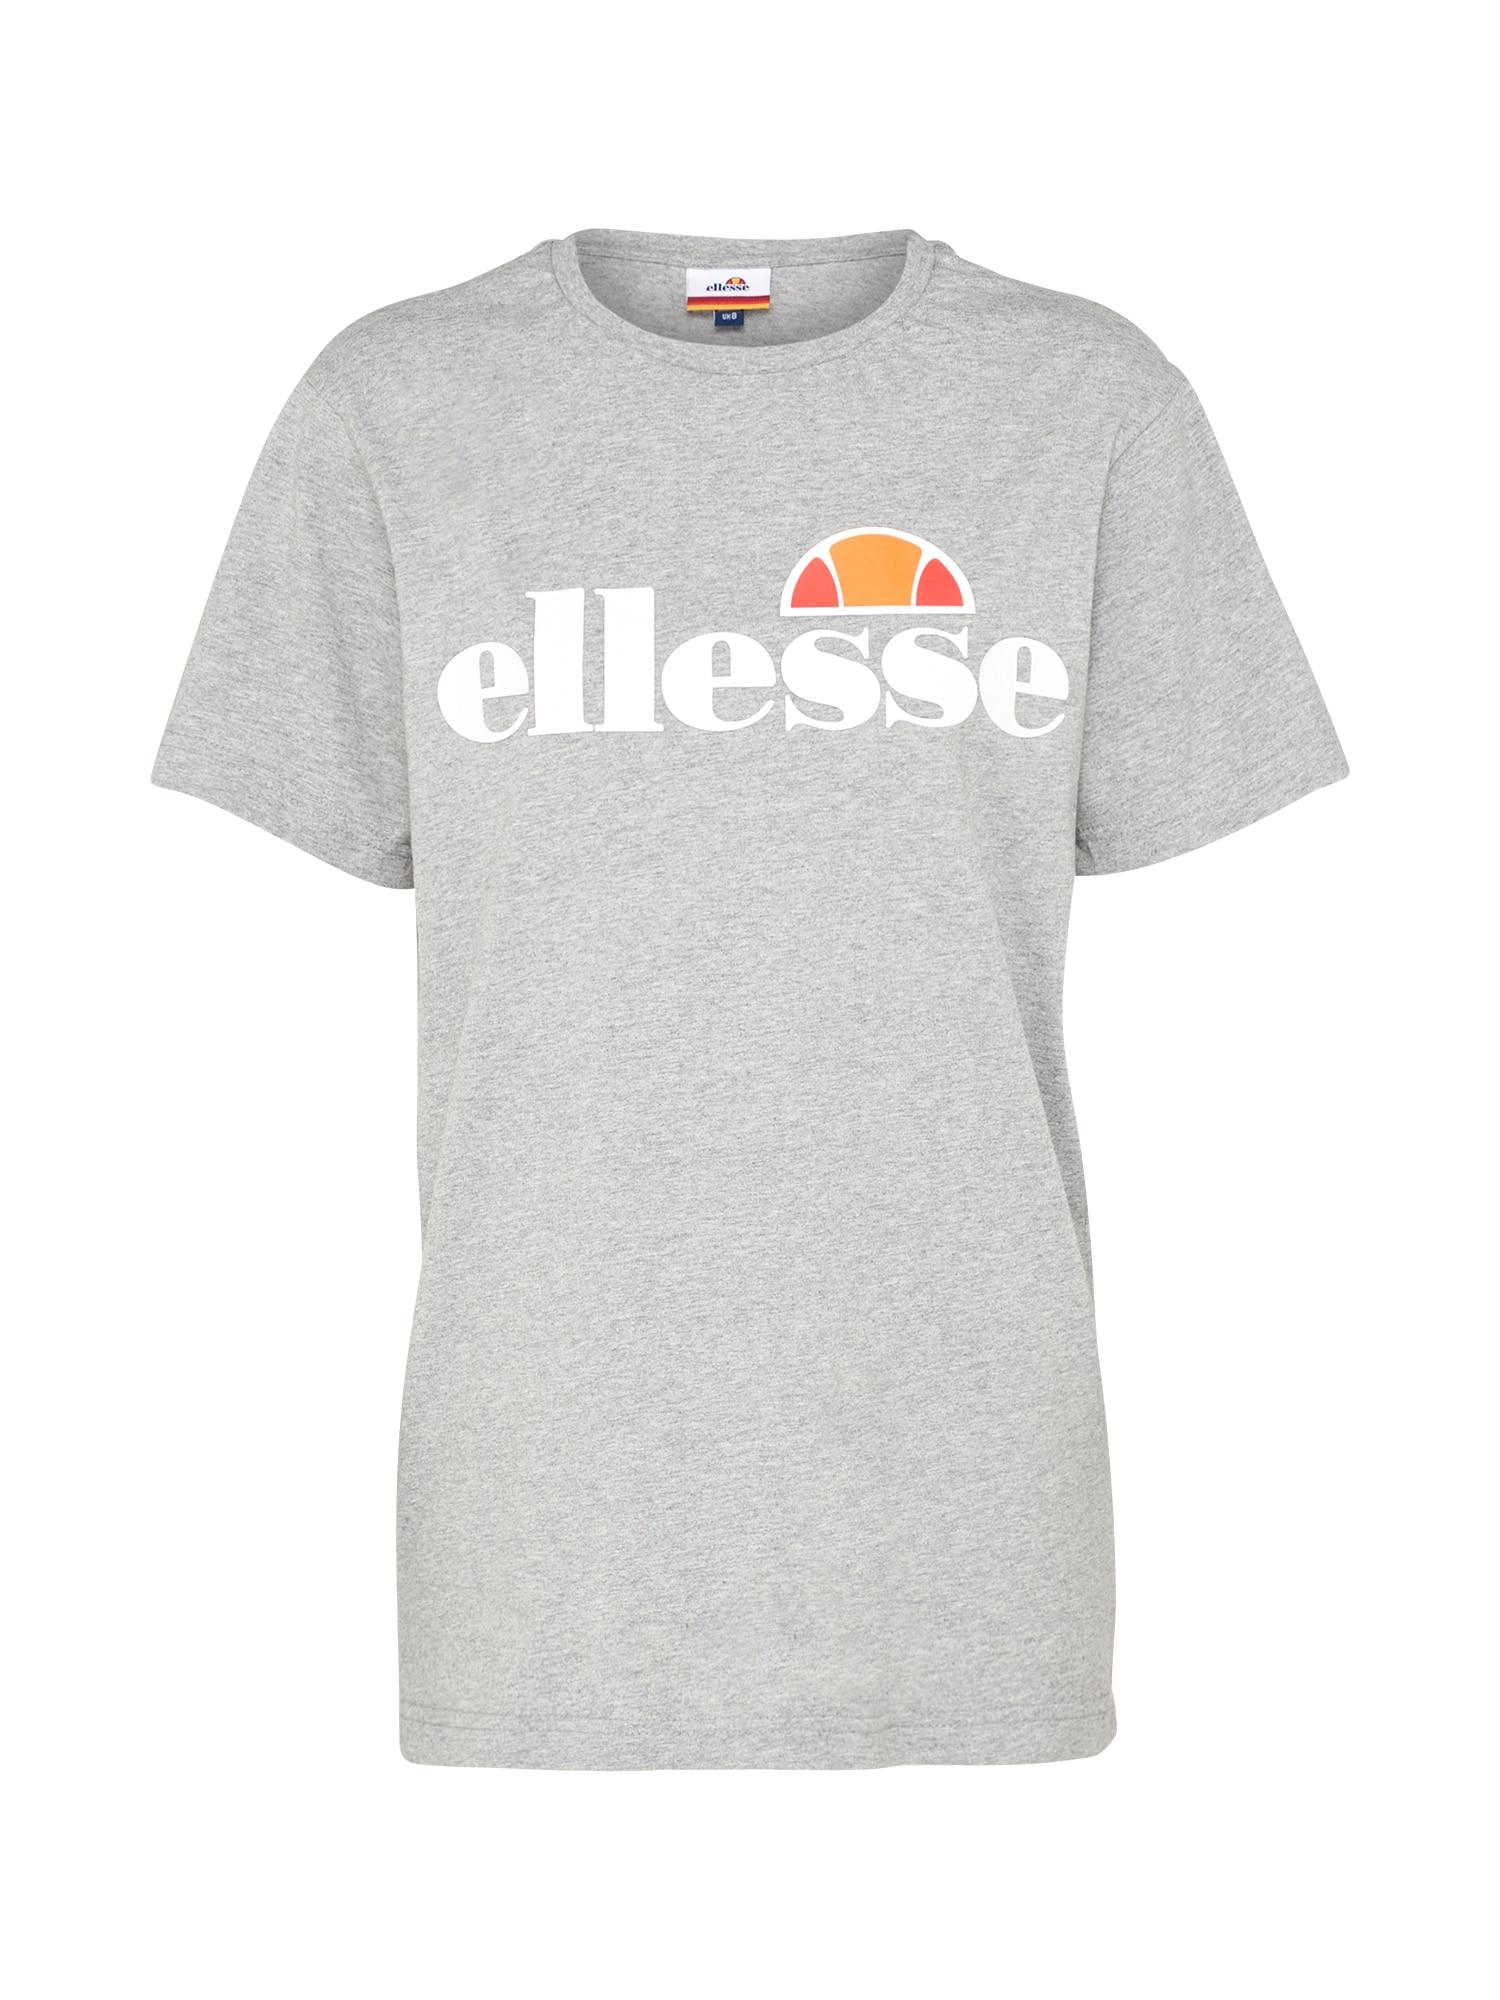 ELLESSE Dames Shirt Albany grijs